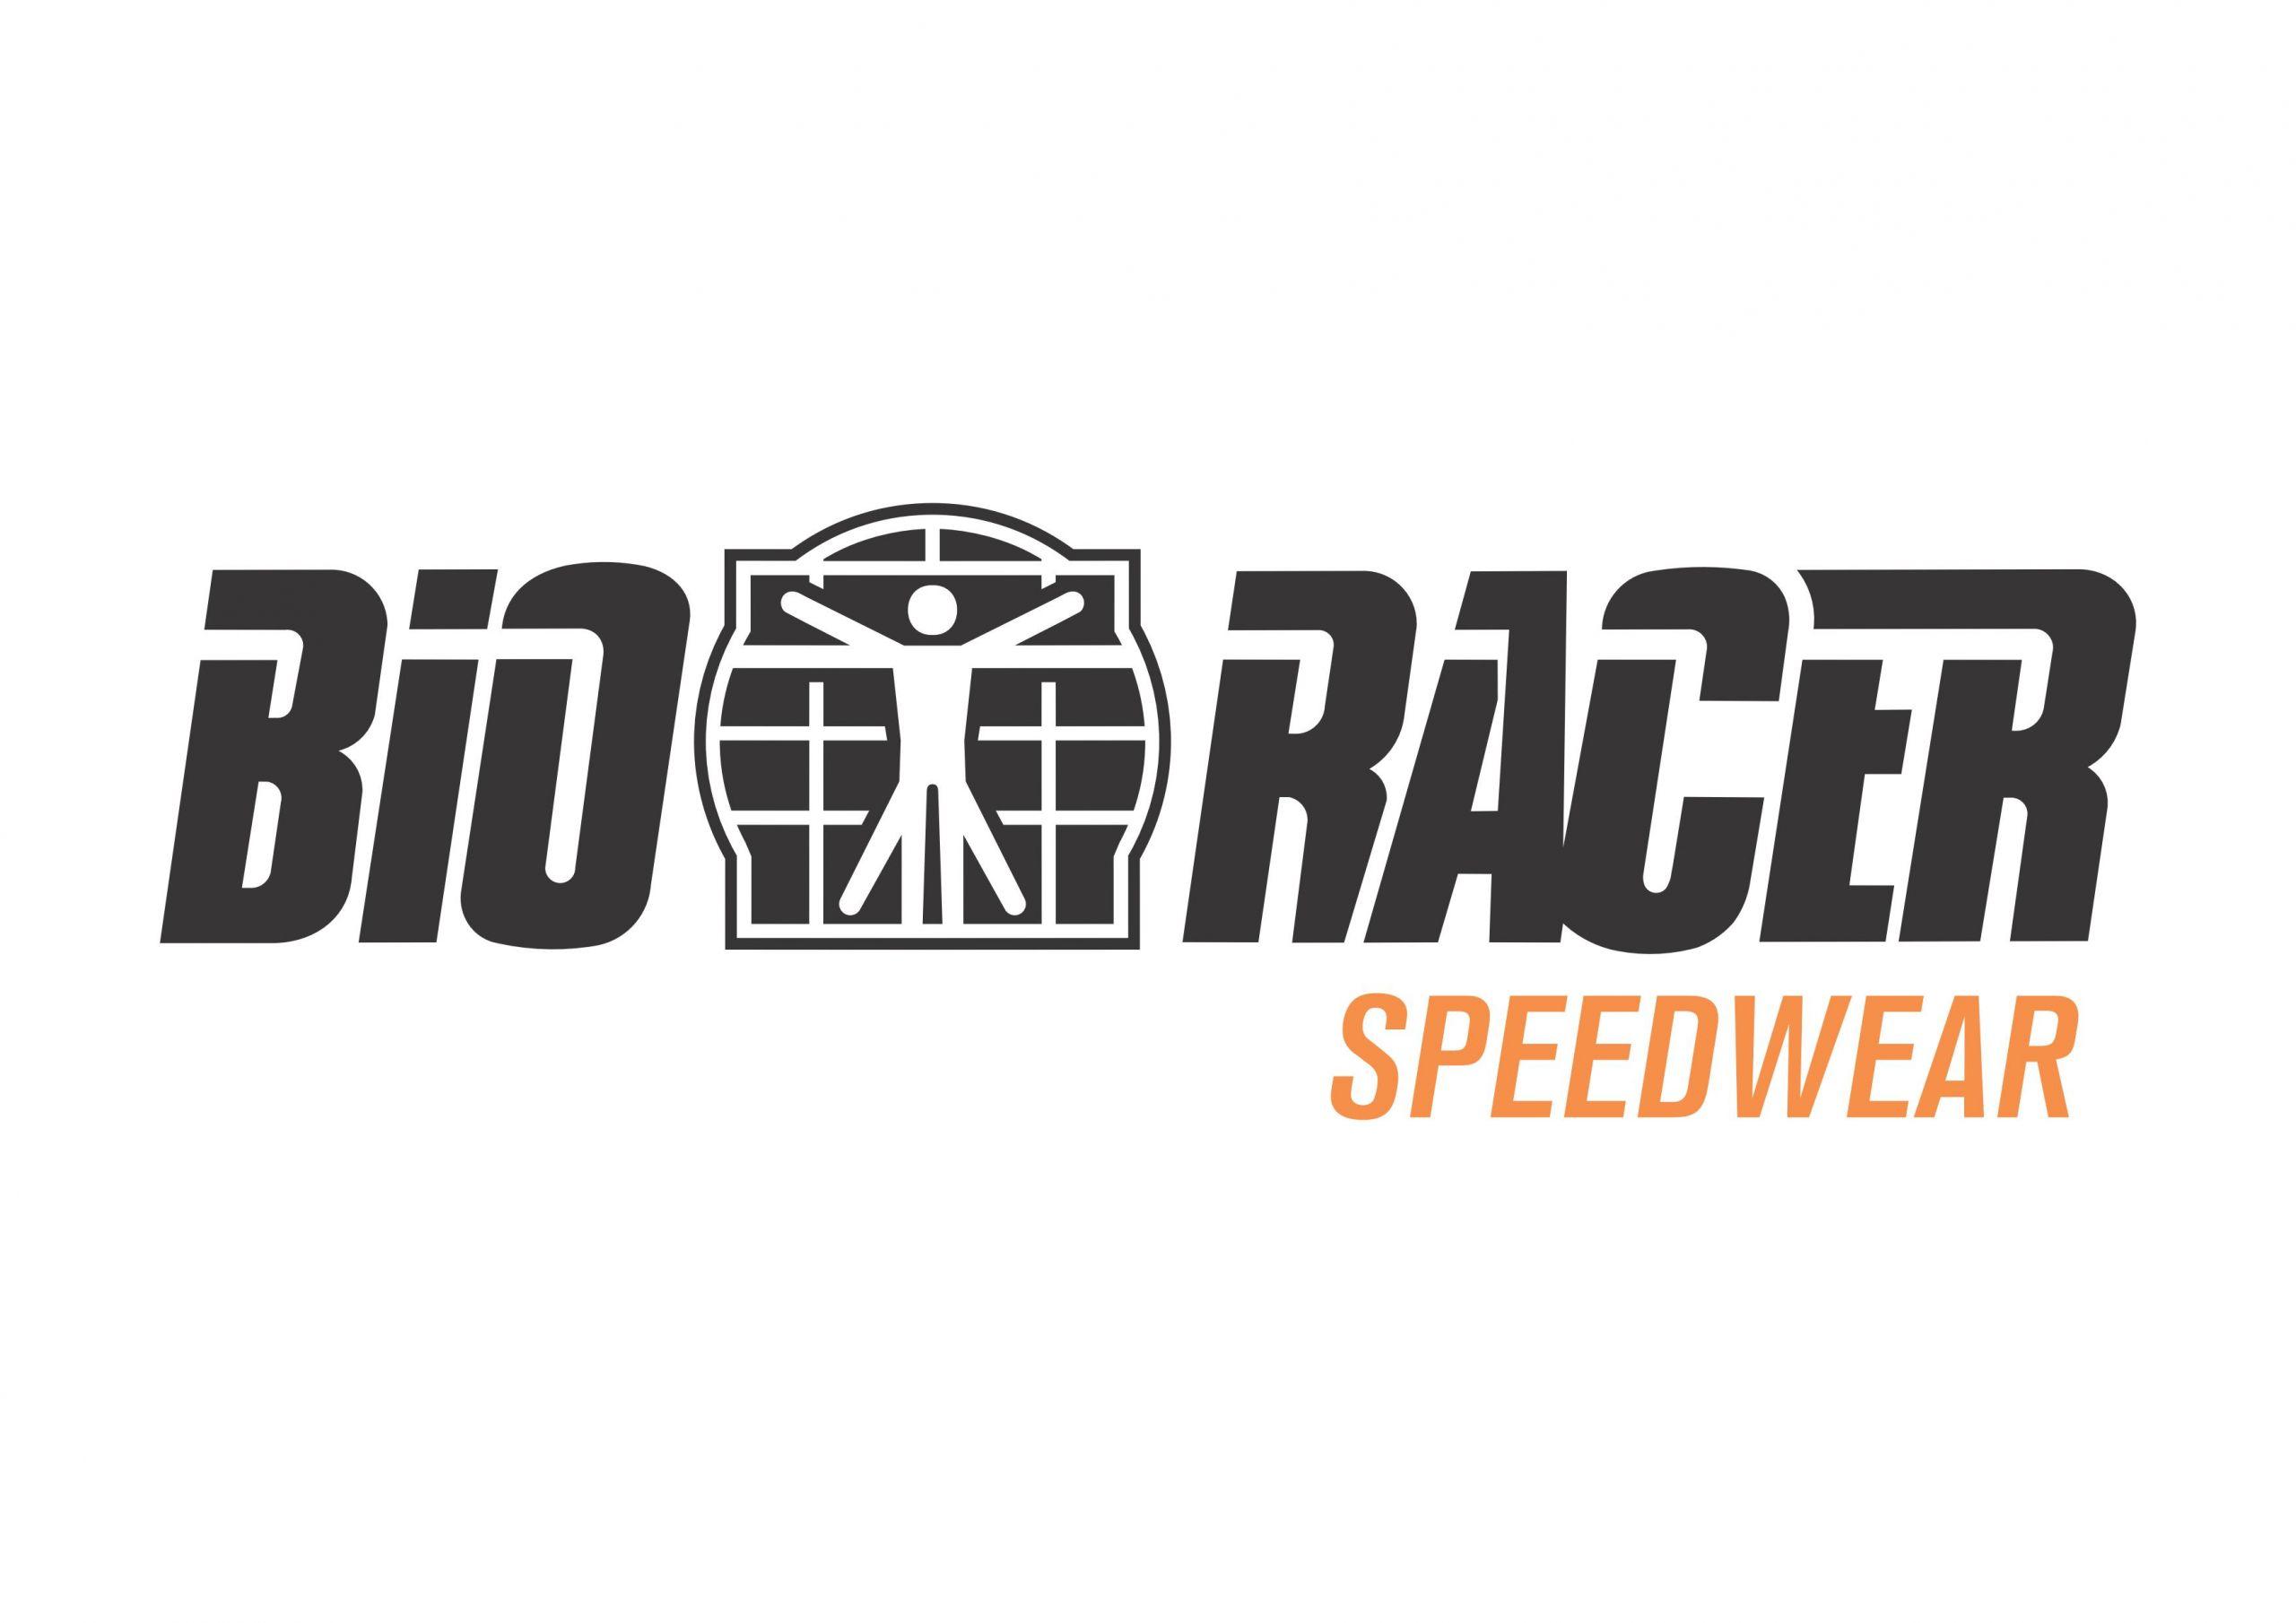 Bioracer Logo Speedwear 2 01